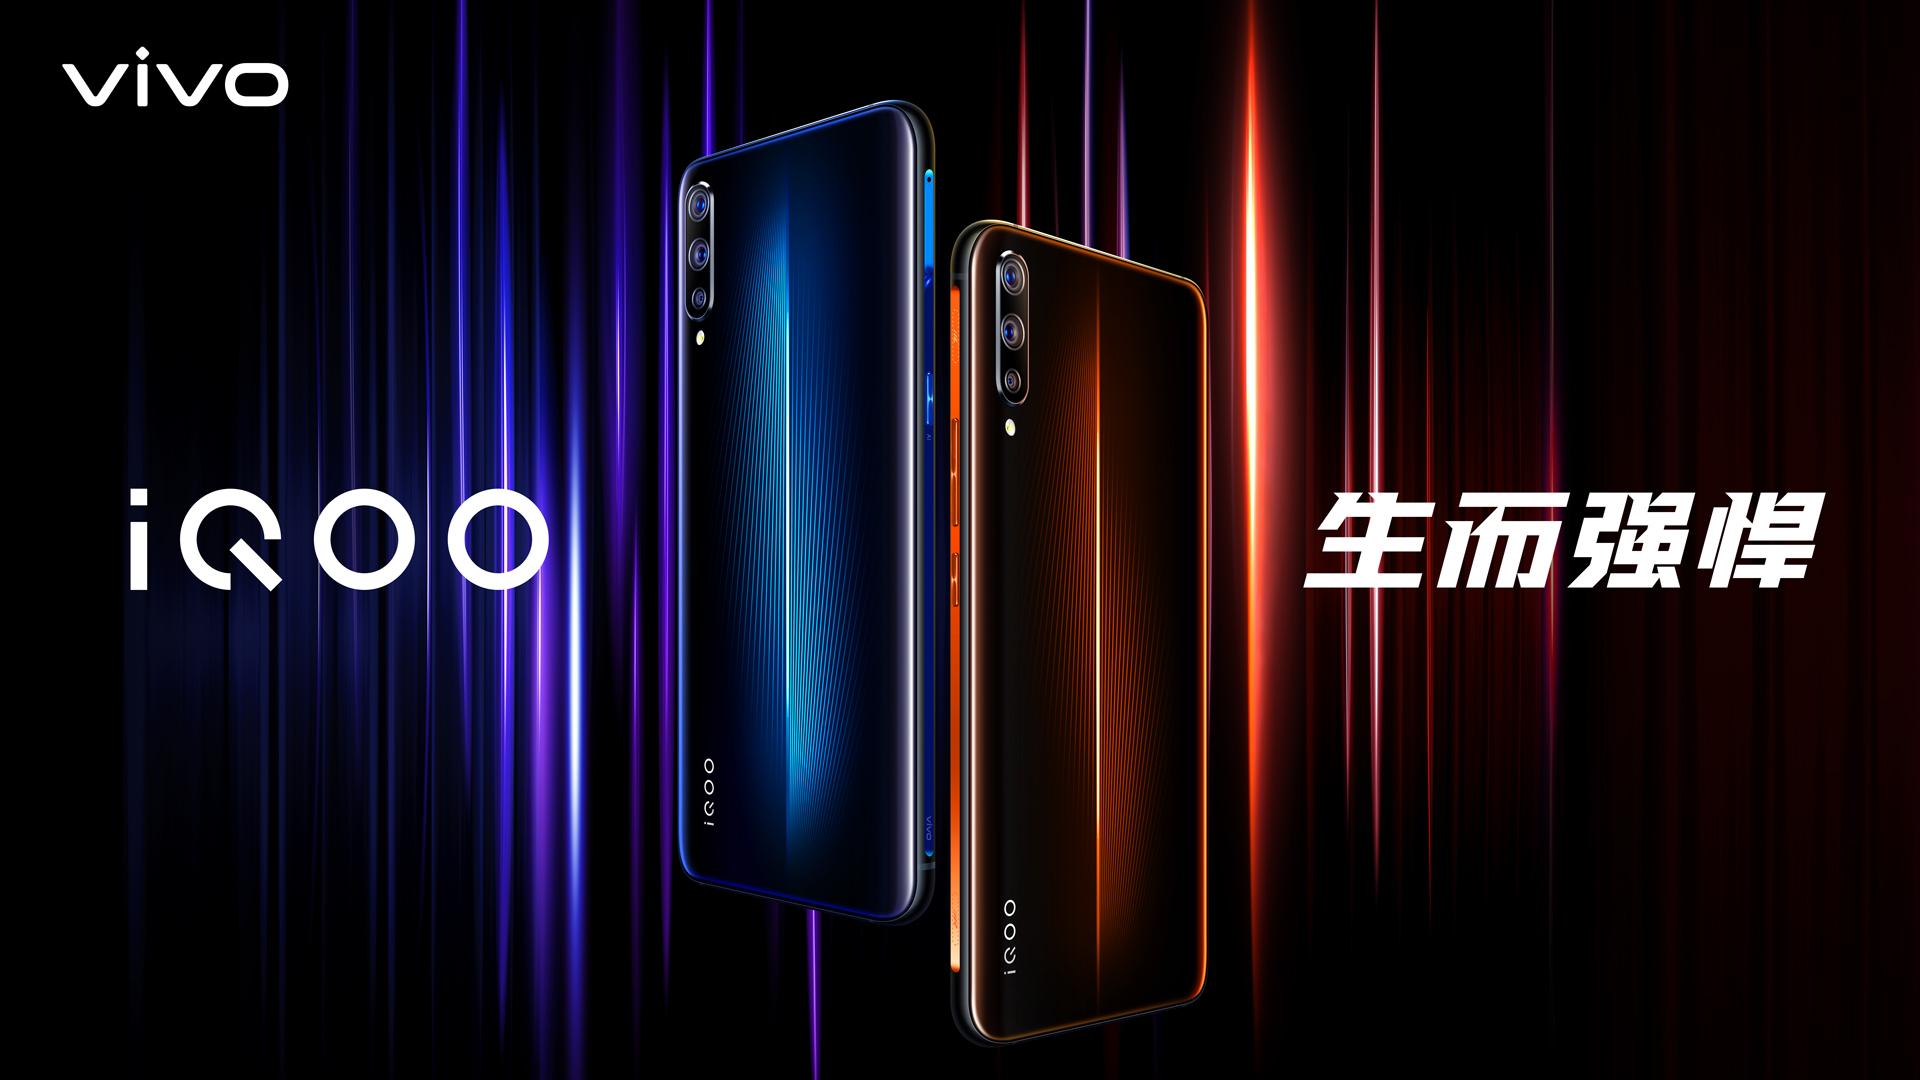 最便宜骁龙855旗舰 iQOO手机限时降价 2498元